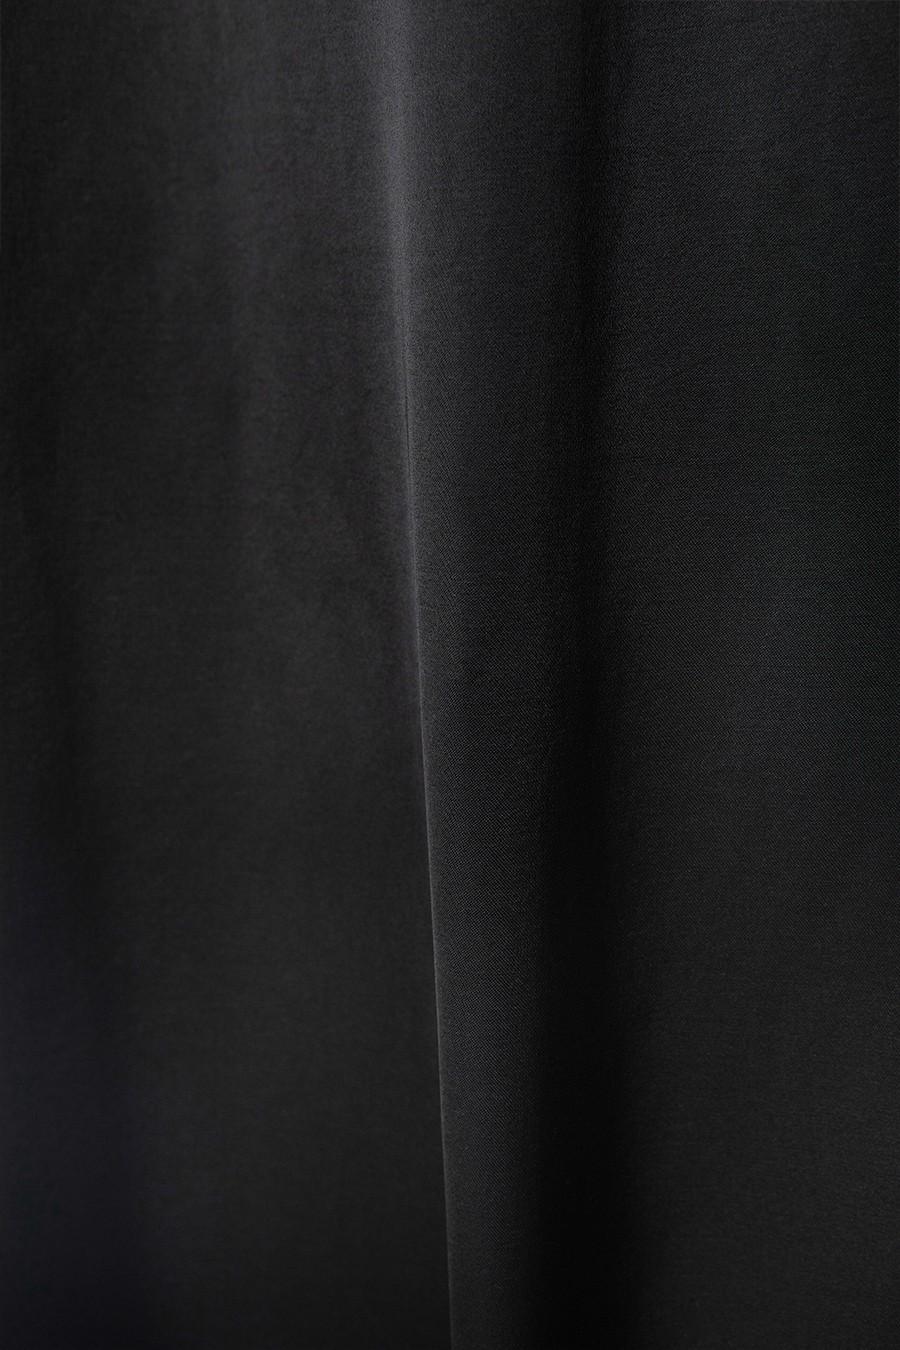 인사일런스 우먼(INSILENCE WOMEN) 어쉬메트릭 맥시 스커트 BLACK